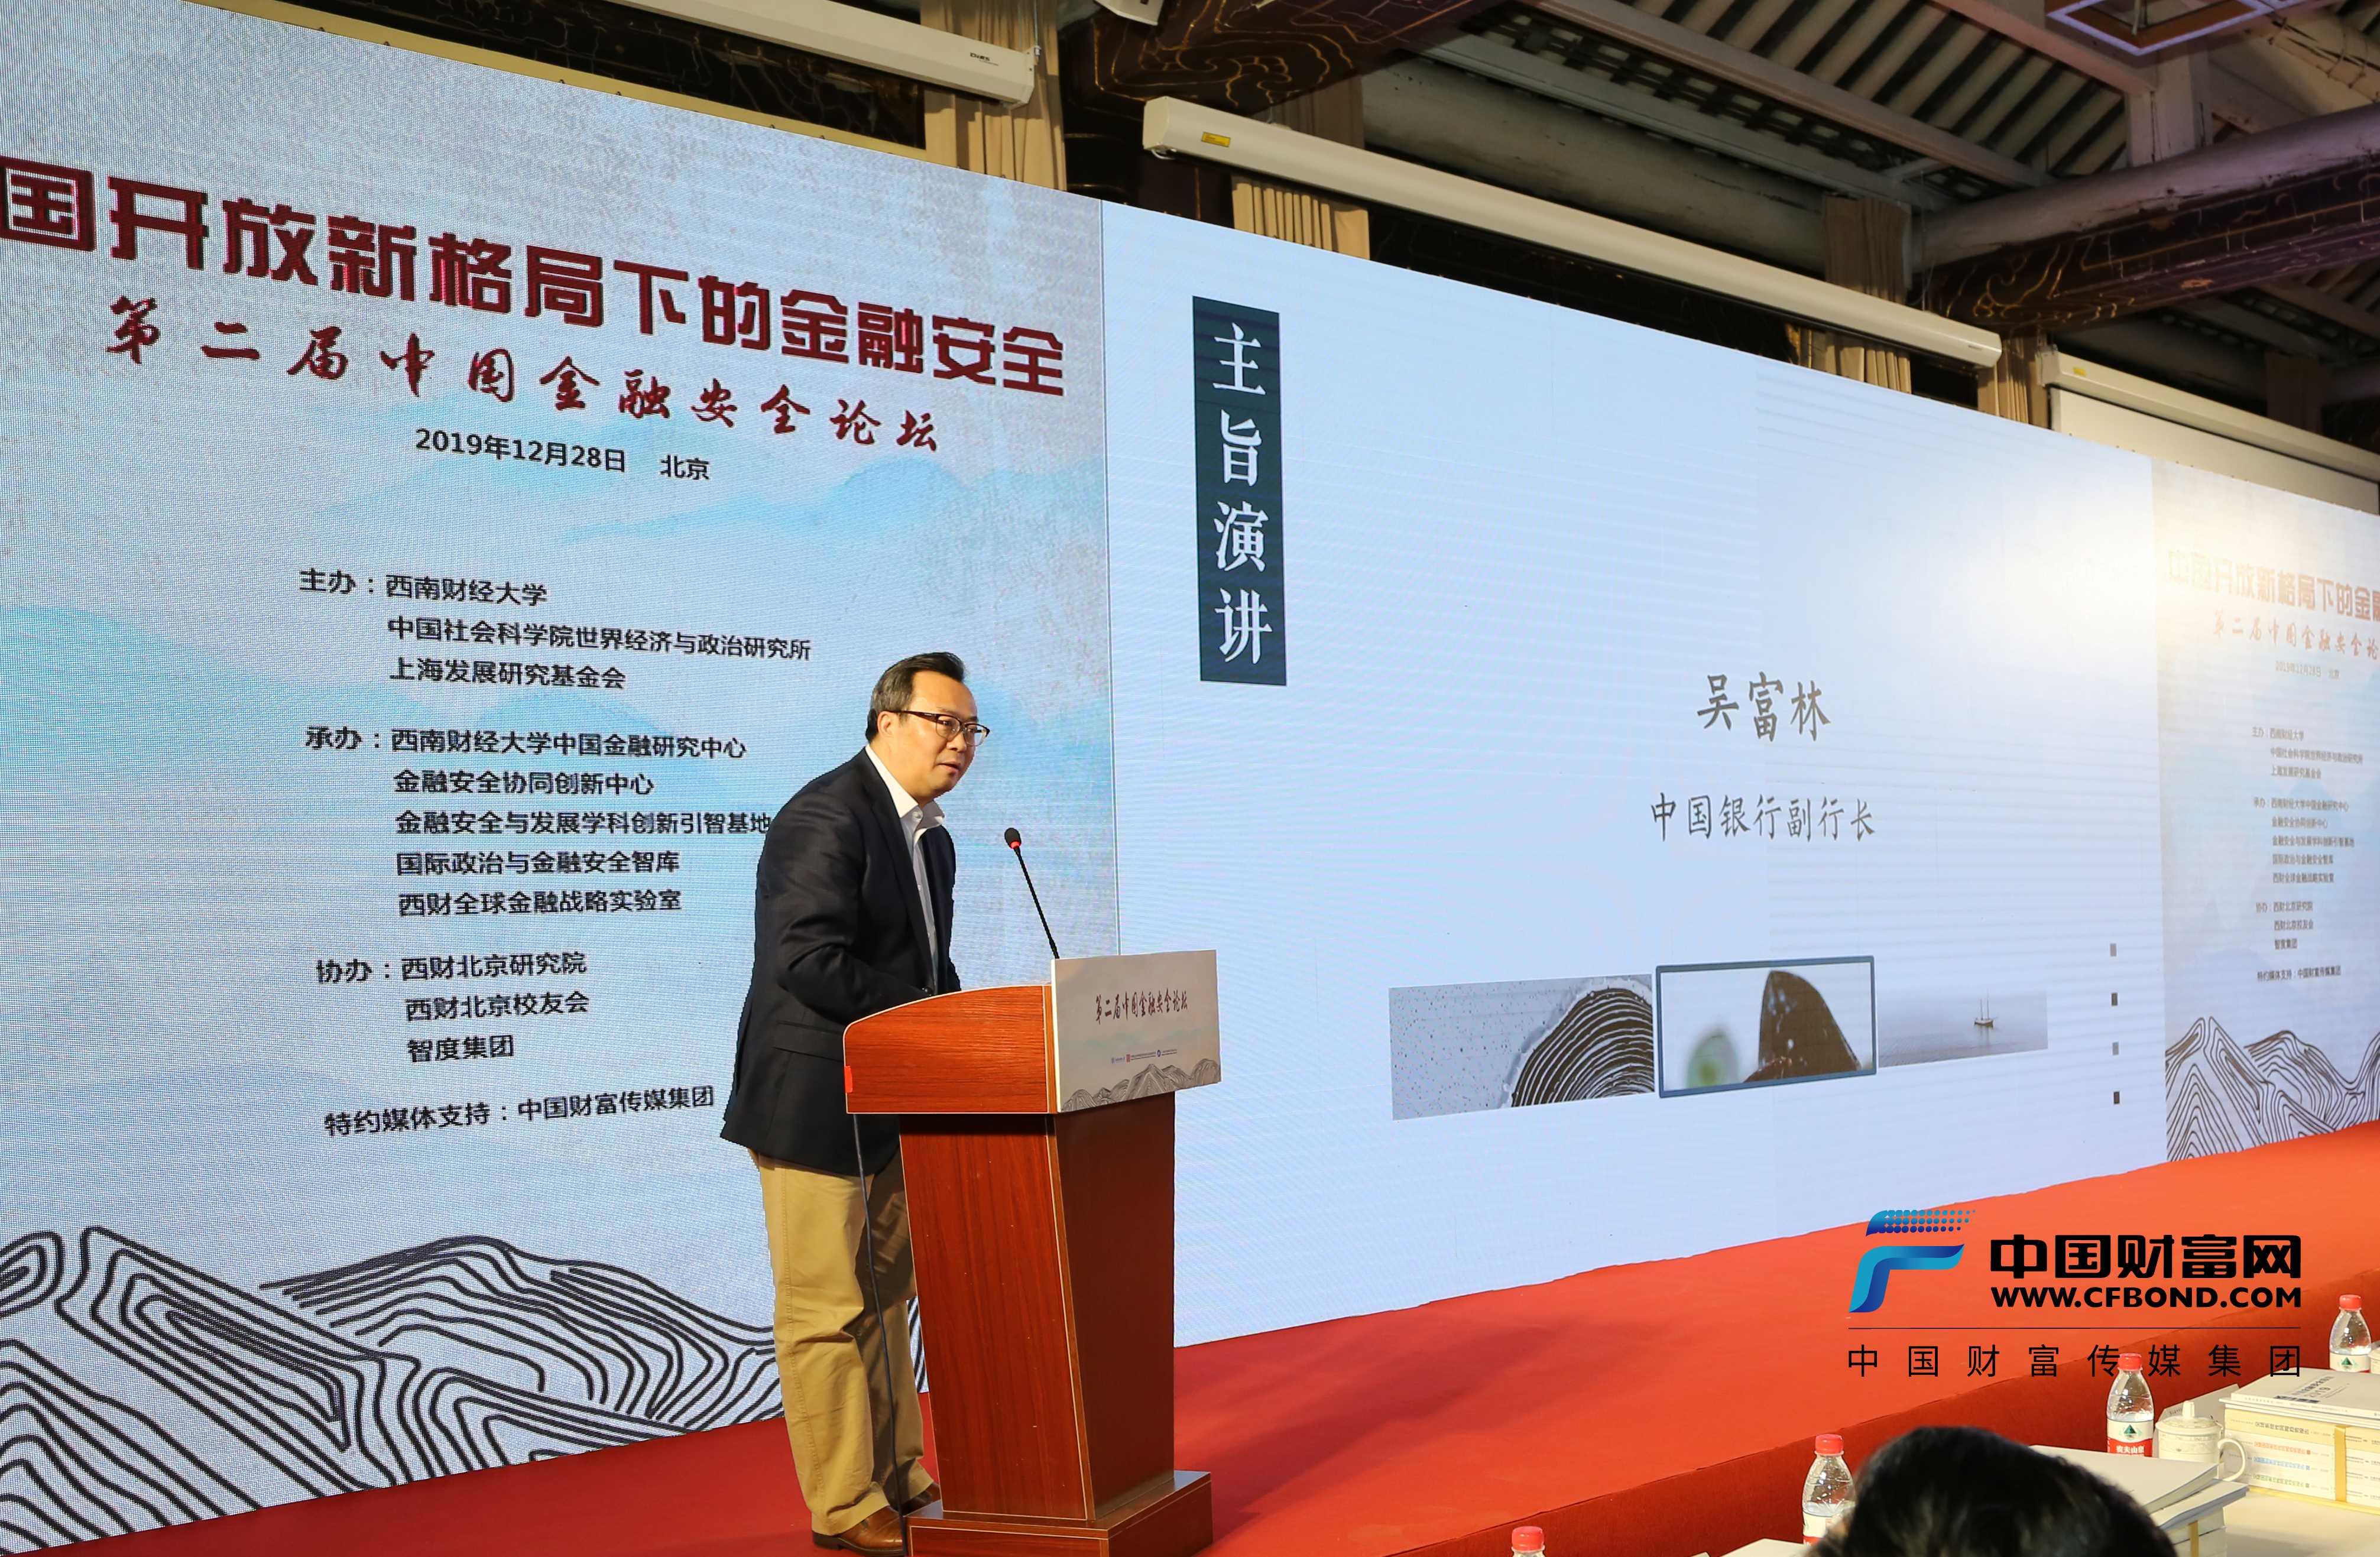 中國銀行副行長吳富林:新的競爭或是算力和算法的競爭